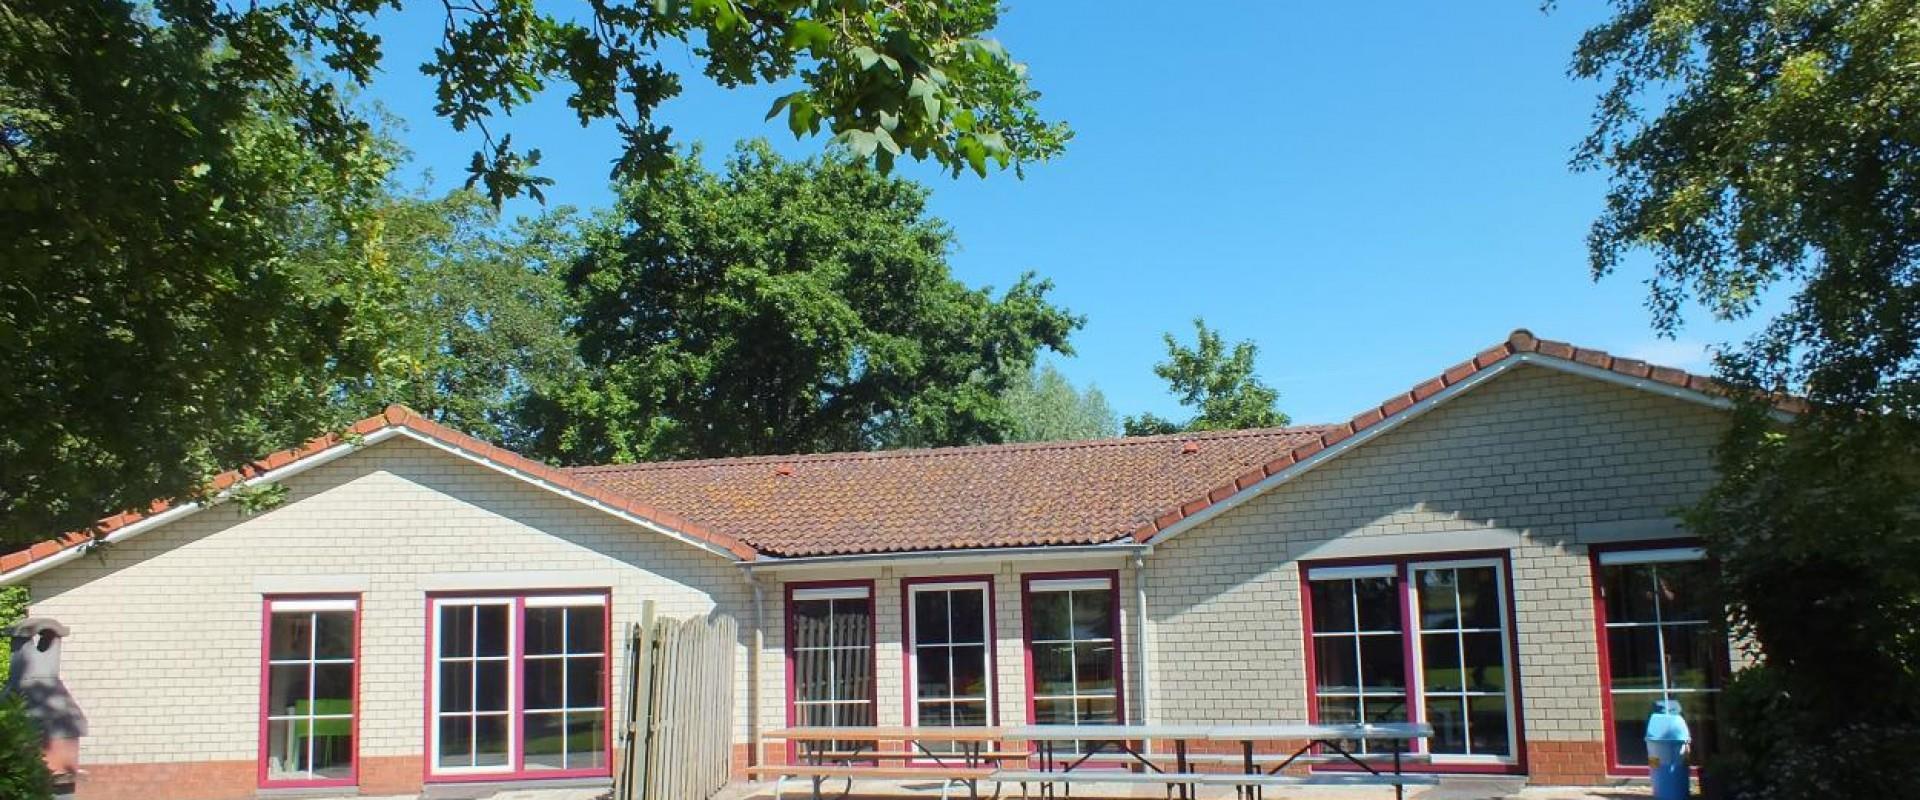 Location - Familiehuis - Recreatiecentrum De Vogel